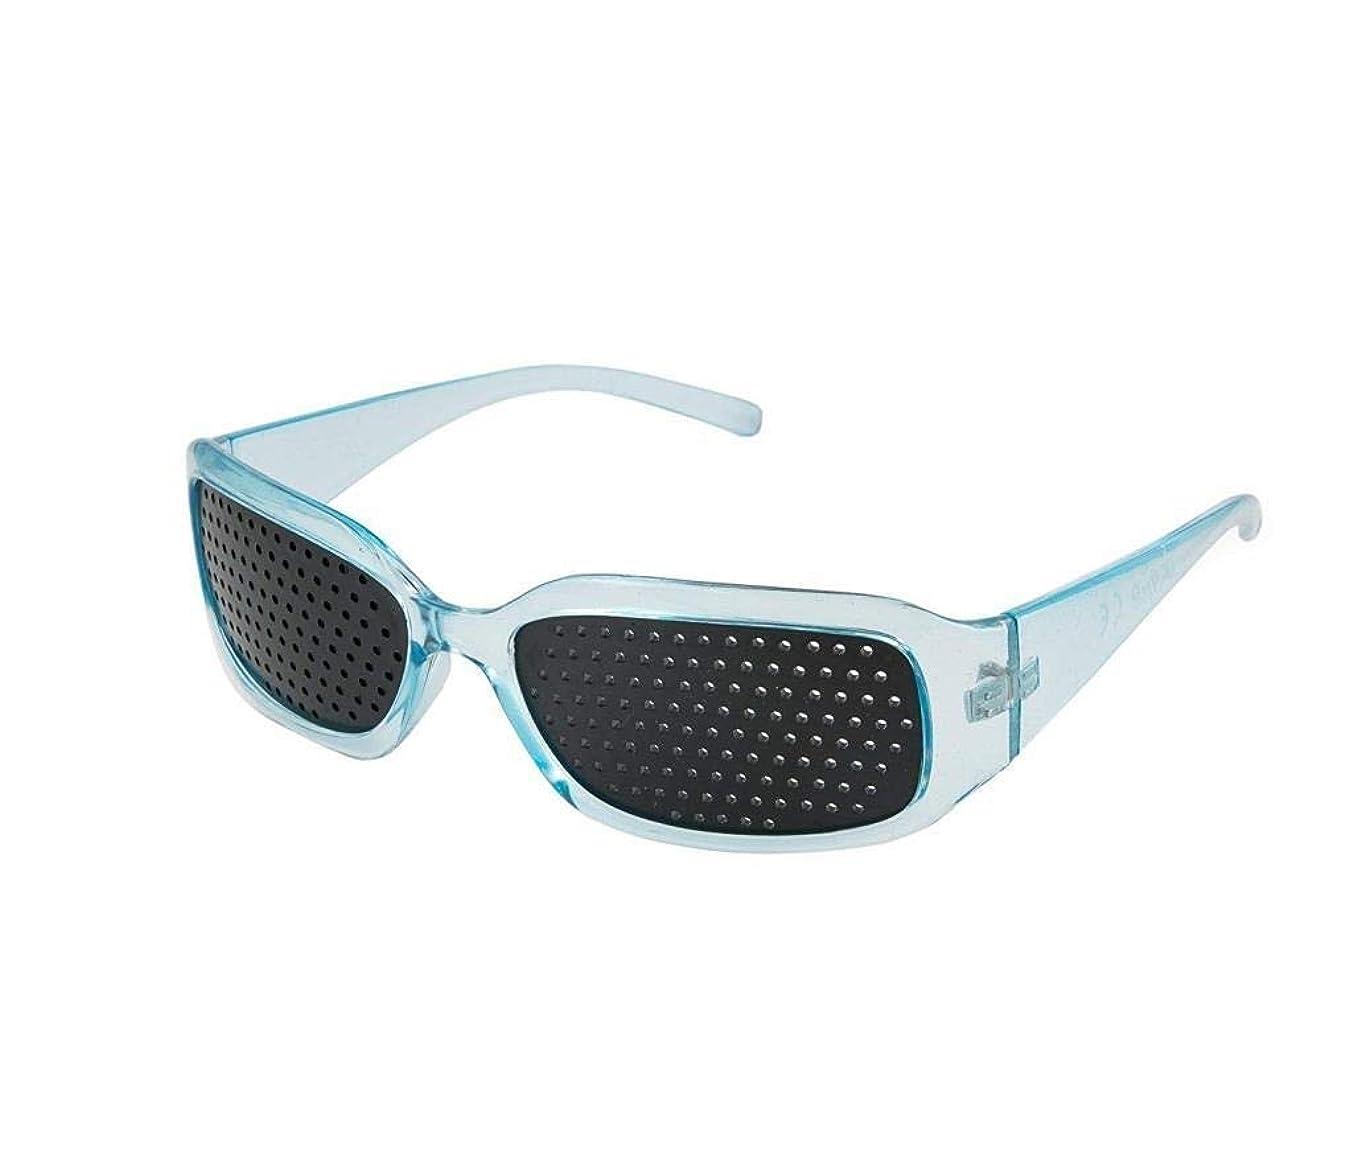 じゃない抽出幻滅するユニセックス視力ビジョンケアビジョンピンホールメガネアイズエクササイズファッションナチュラル (Color : 青)